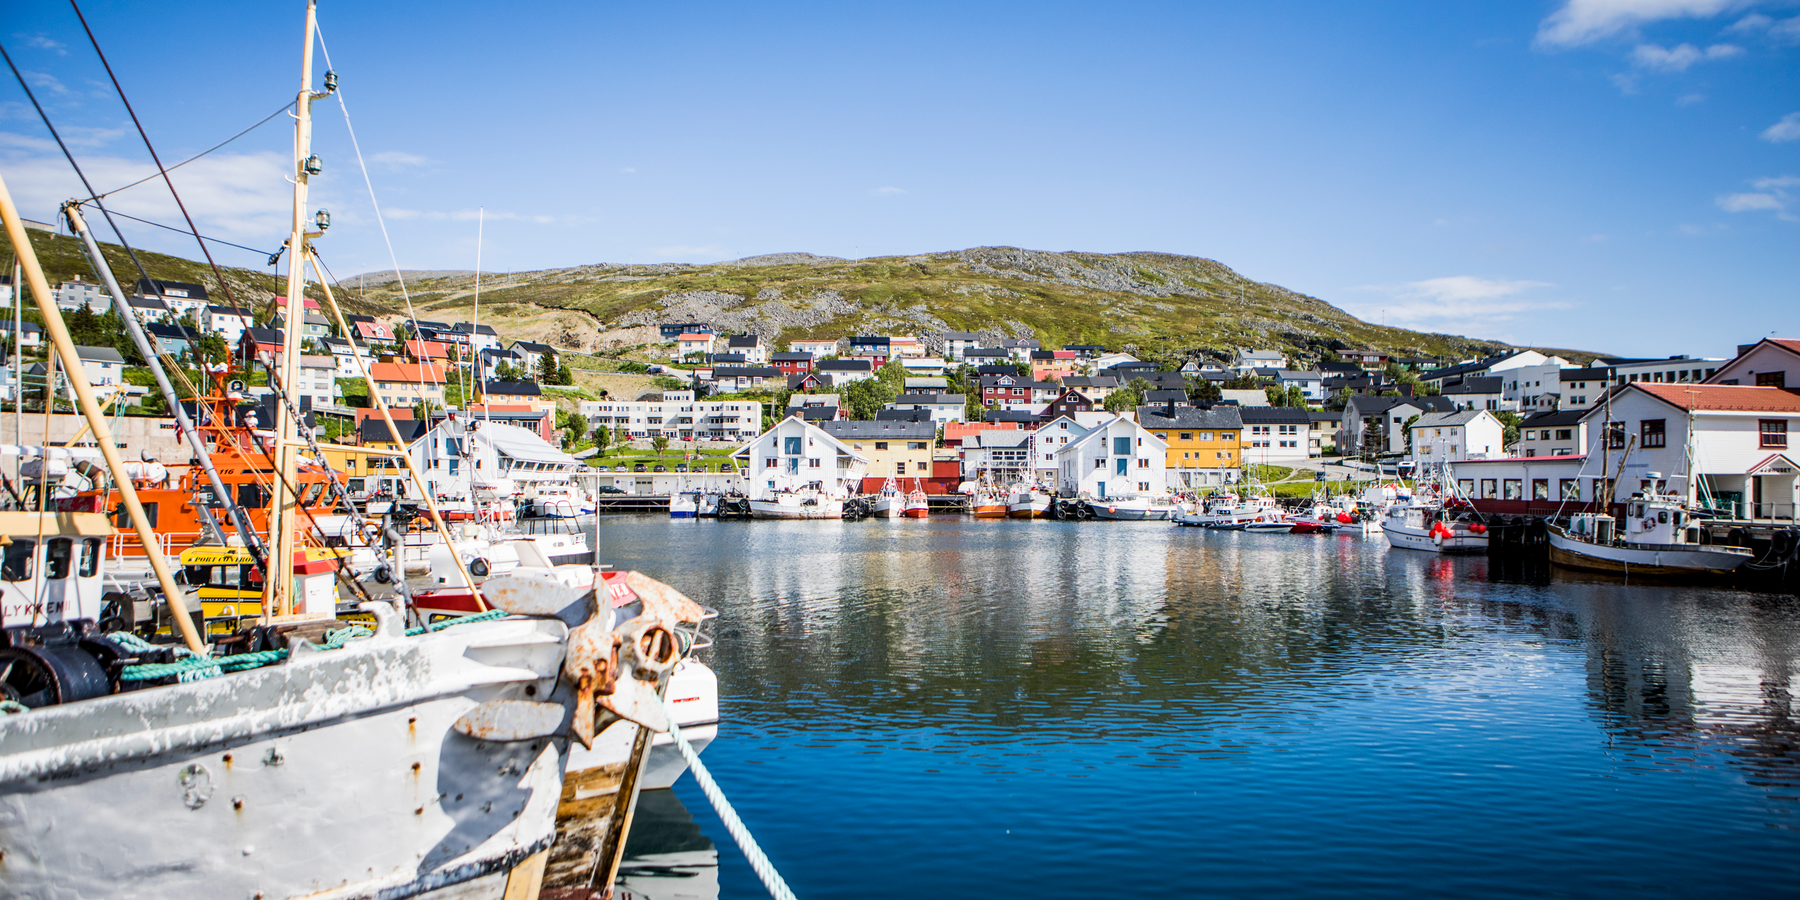 Honningsvåg-Doets Reizen - Vakantie Noorwegen - Credits VisitNorway.com